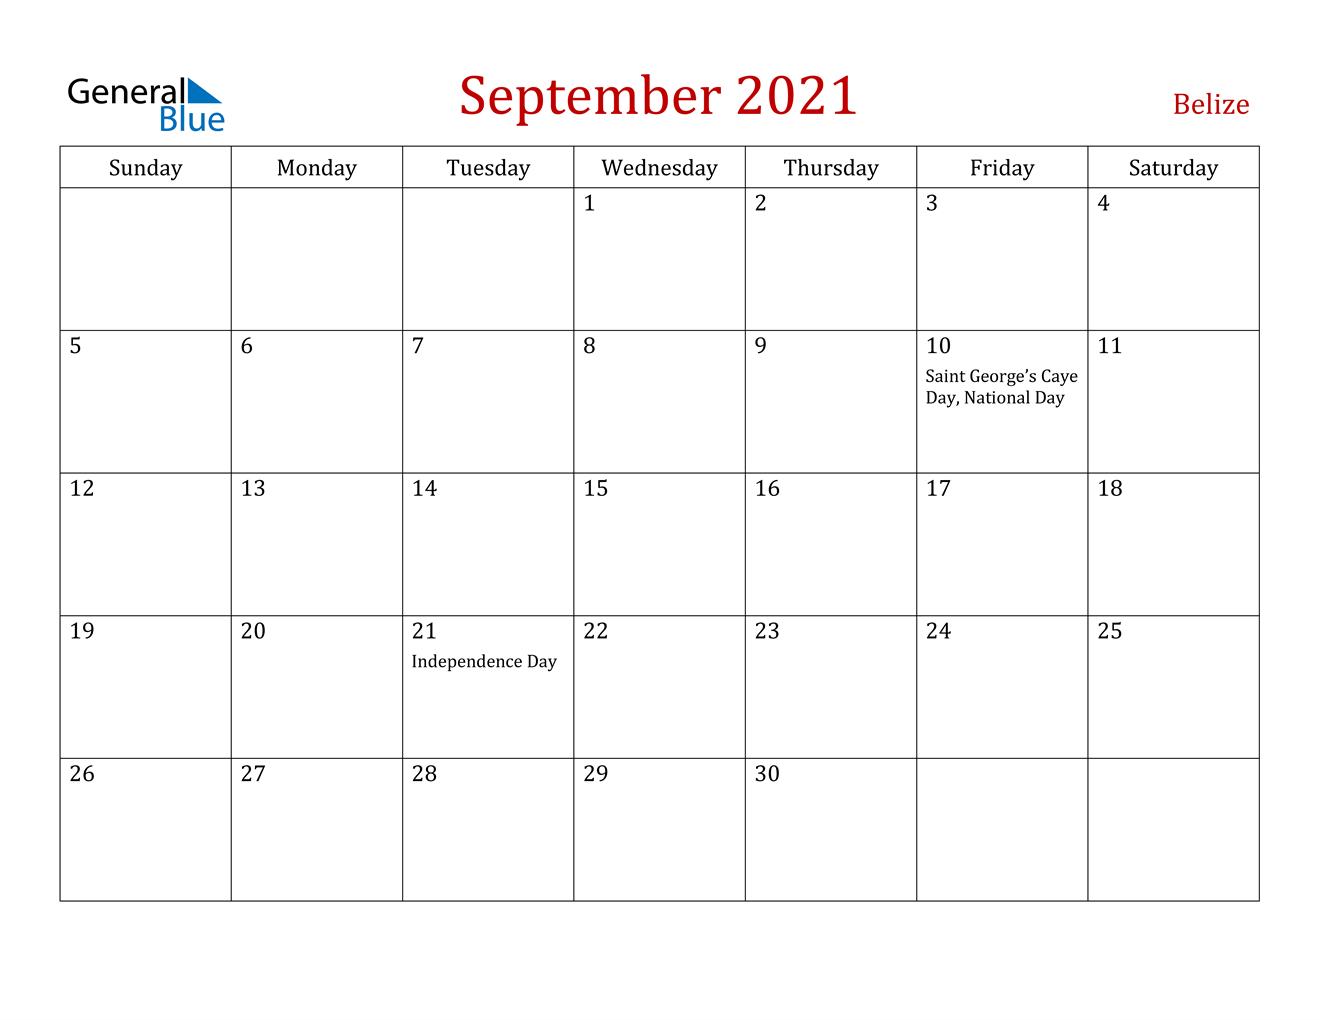 September 2021 Calendar - Belize